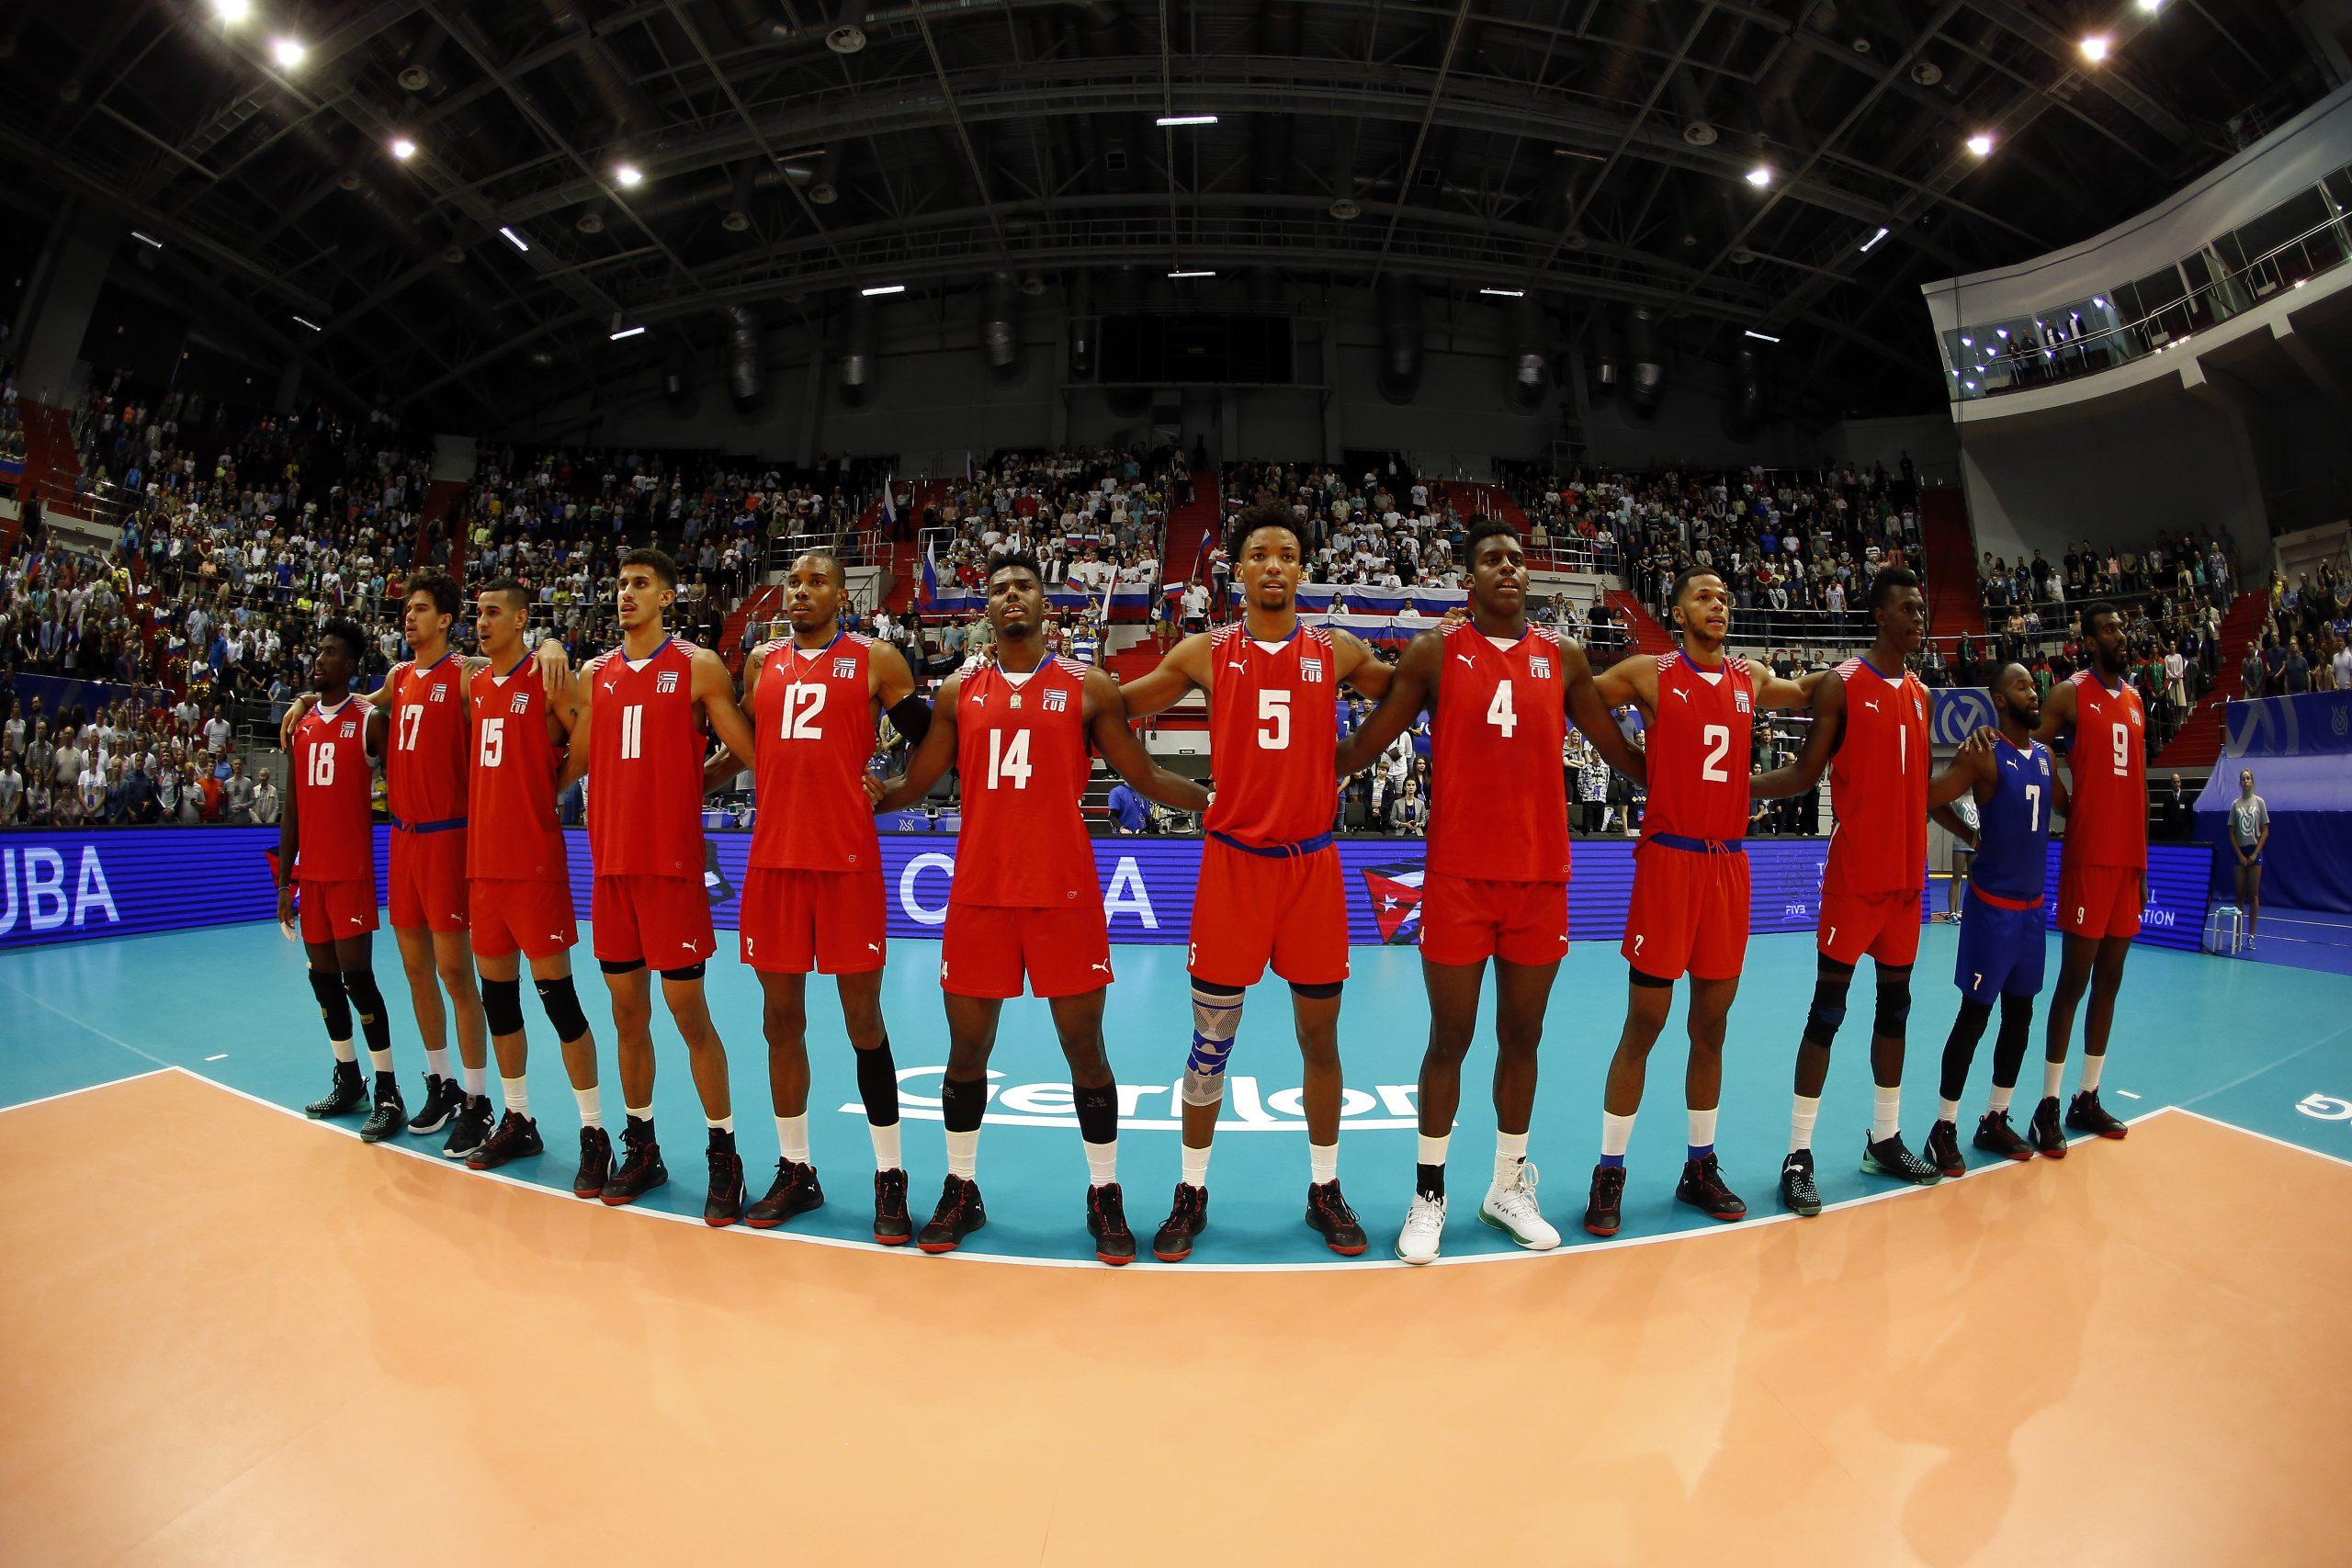 La nueva generación de voleibolistas cubanos tiene un gran potencial. Foto: Getty Images.